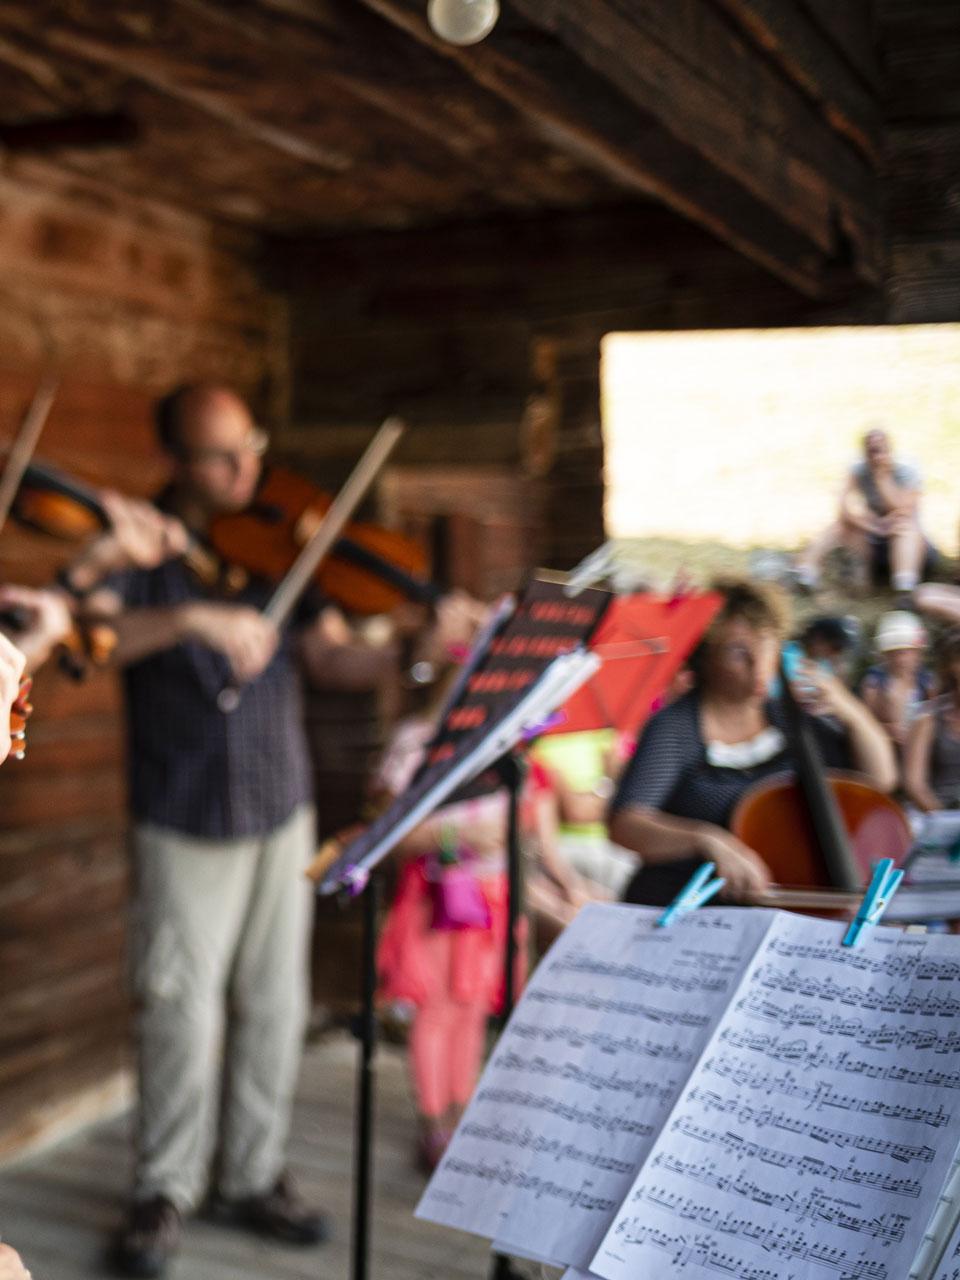 musique-a-beauregard-alpcat-medias-le-grand-bornand-tourisme-1-224150-224679